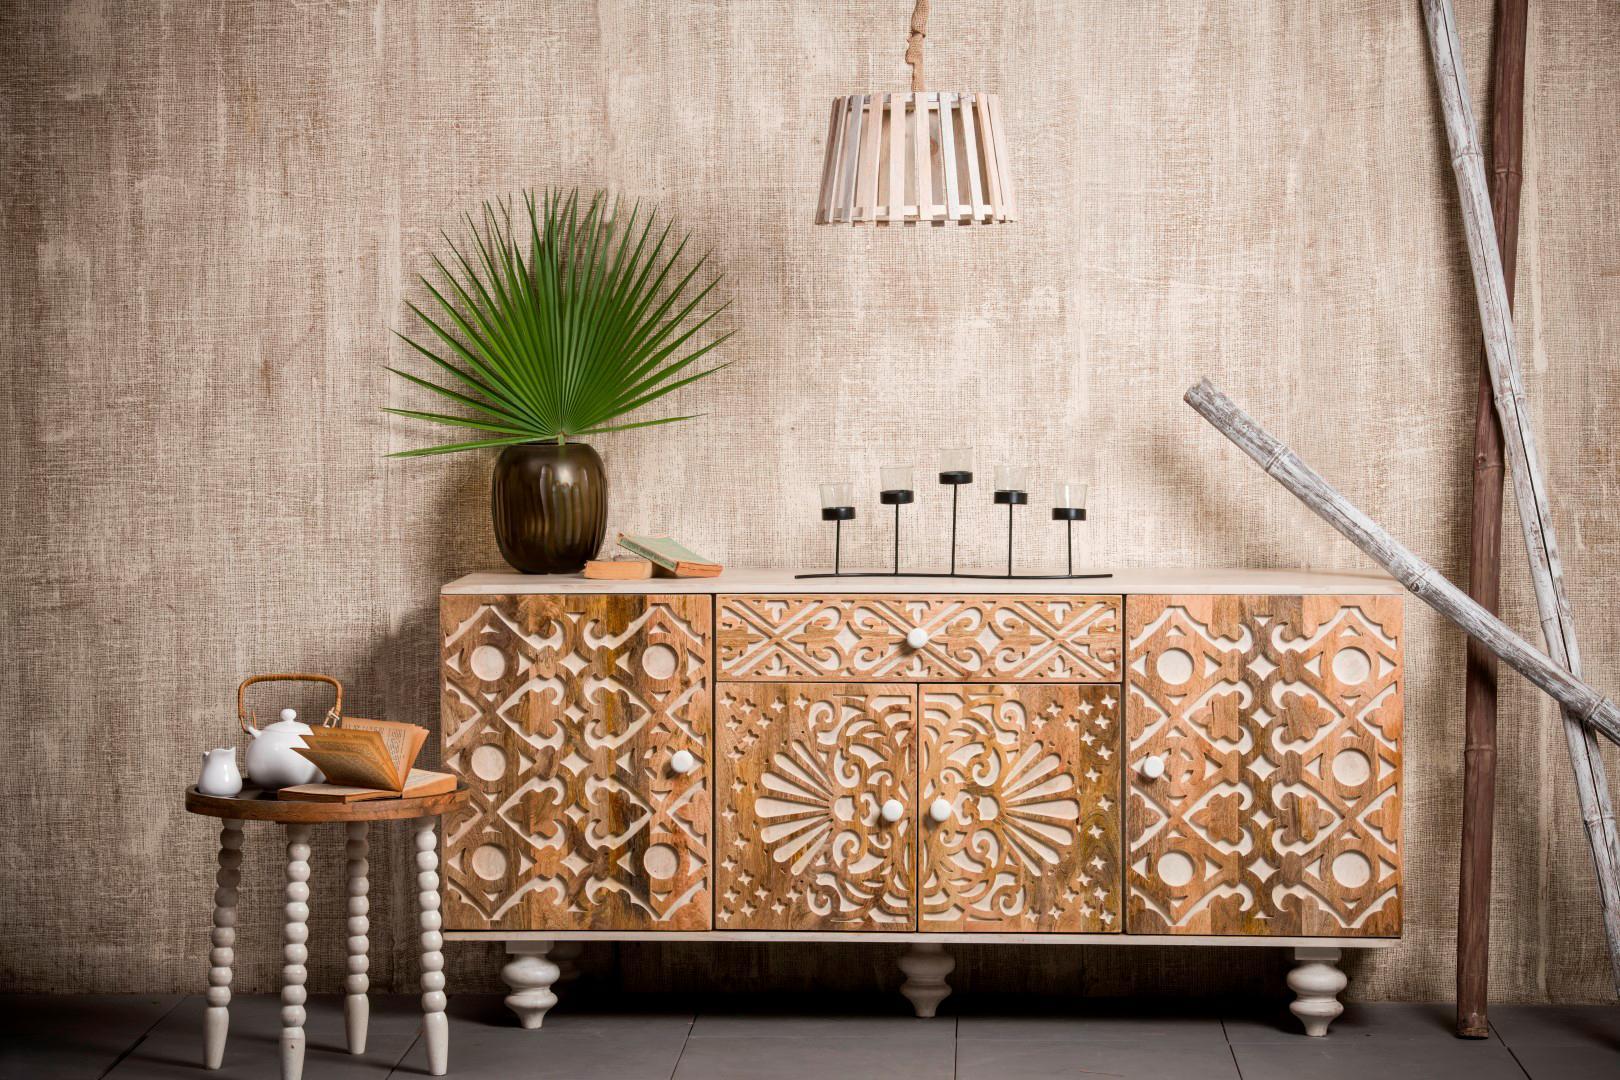 Home Affaire Sideboard »Spring« aus massivem Mangoholz mit dekorativen Schnitzereien, Breite 160 cm